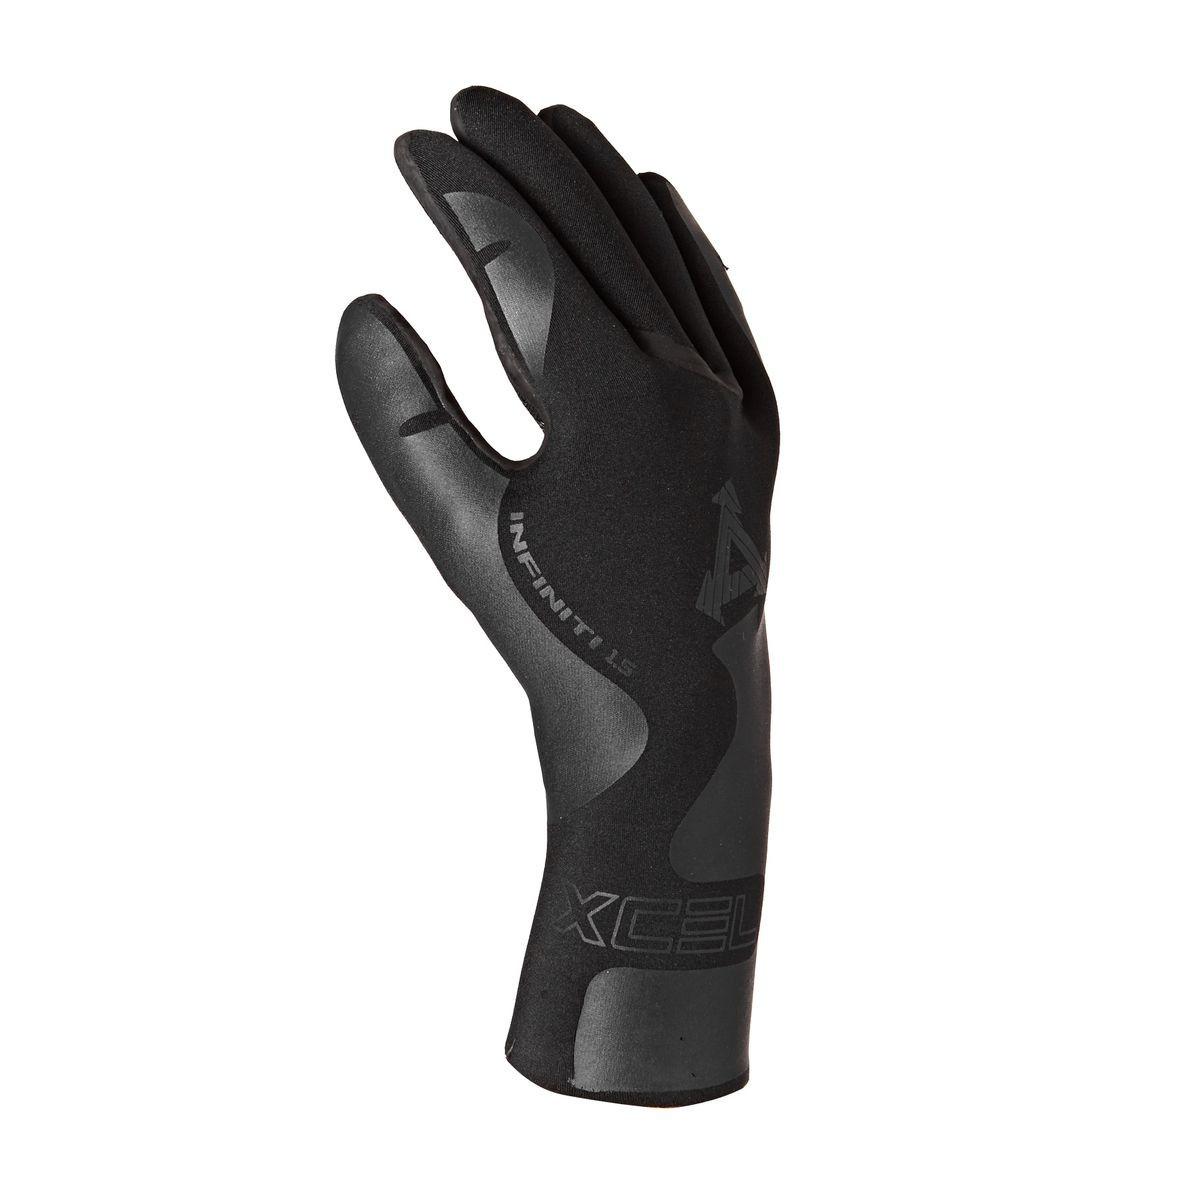 Xcel Infiniti 1.5mm 5-finger Wetsuit Gloves - Black